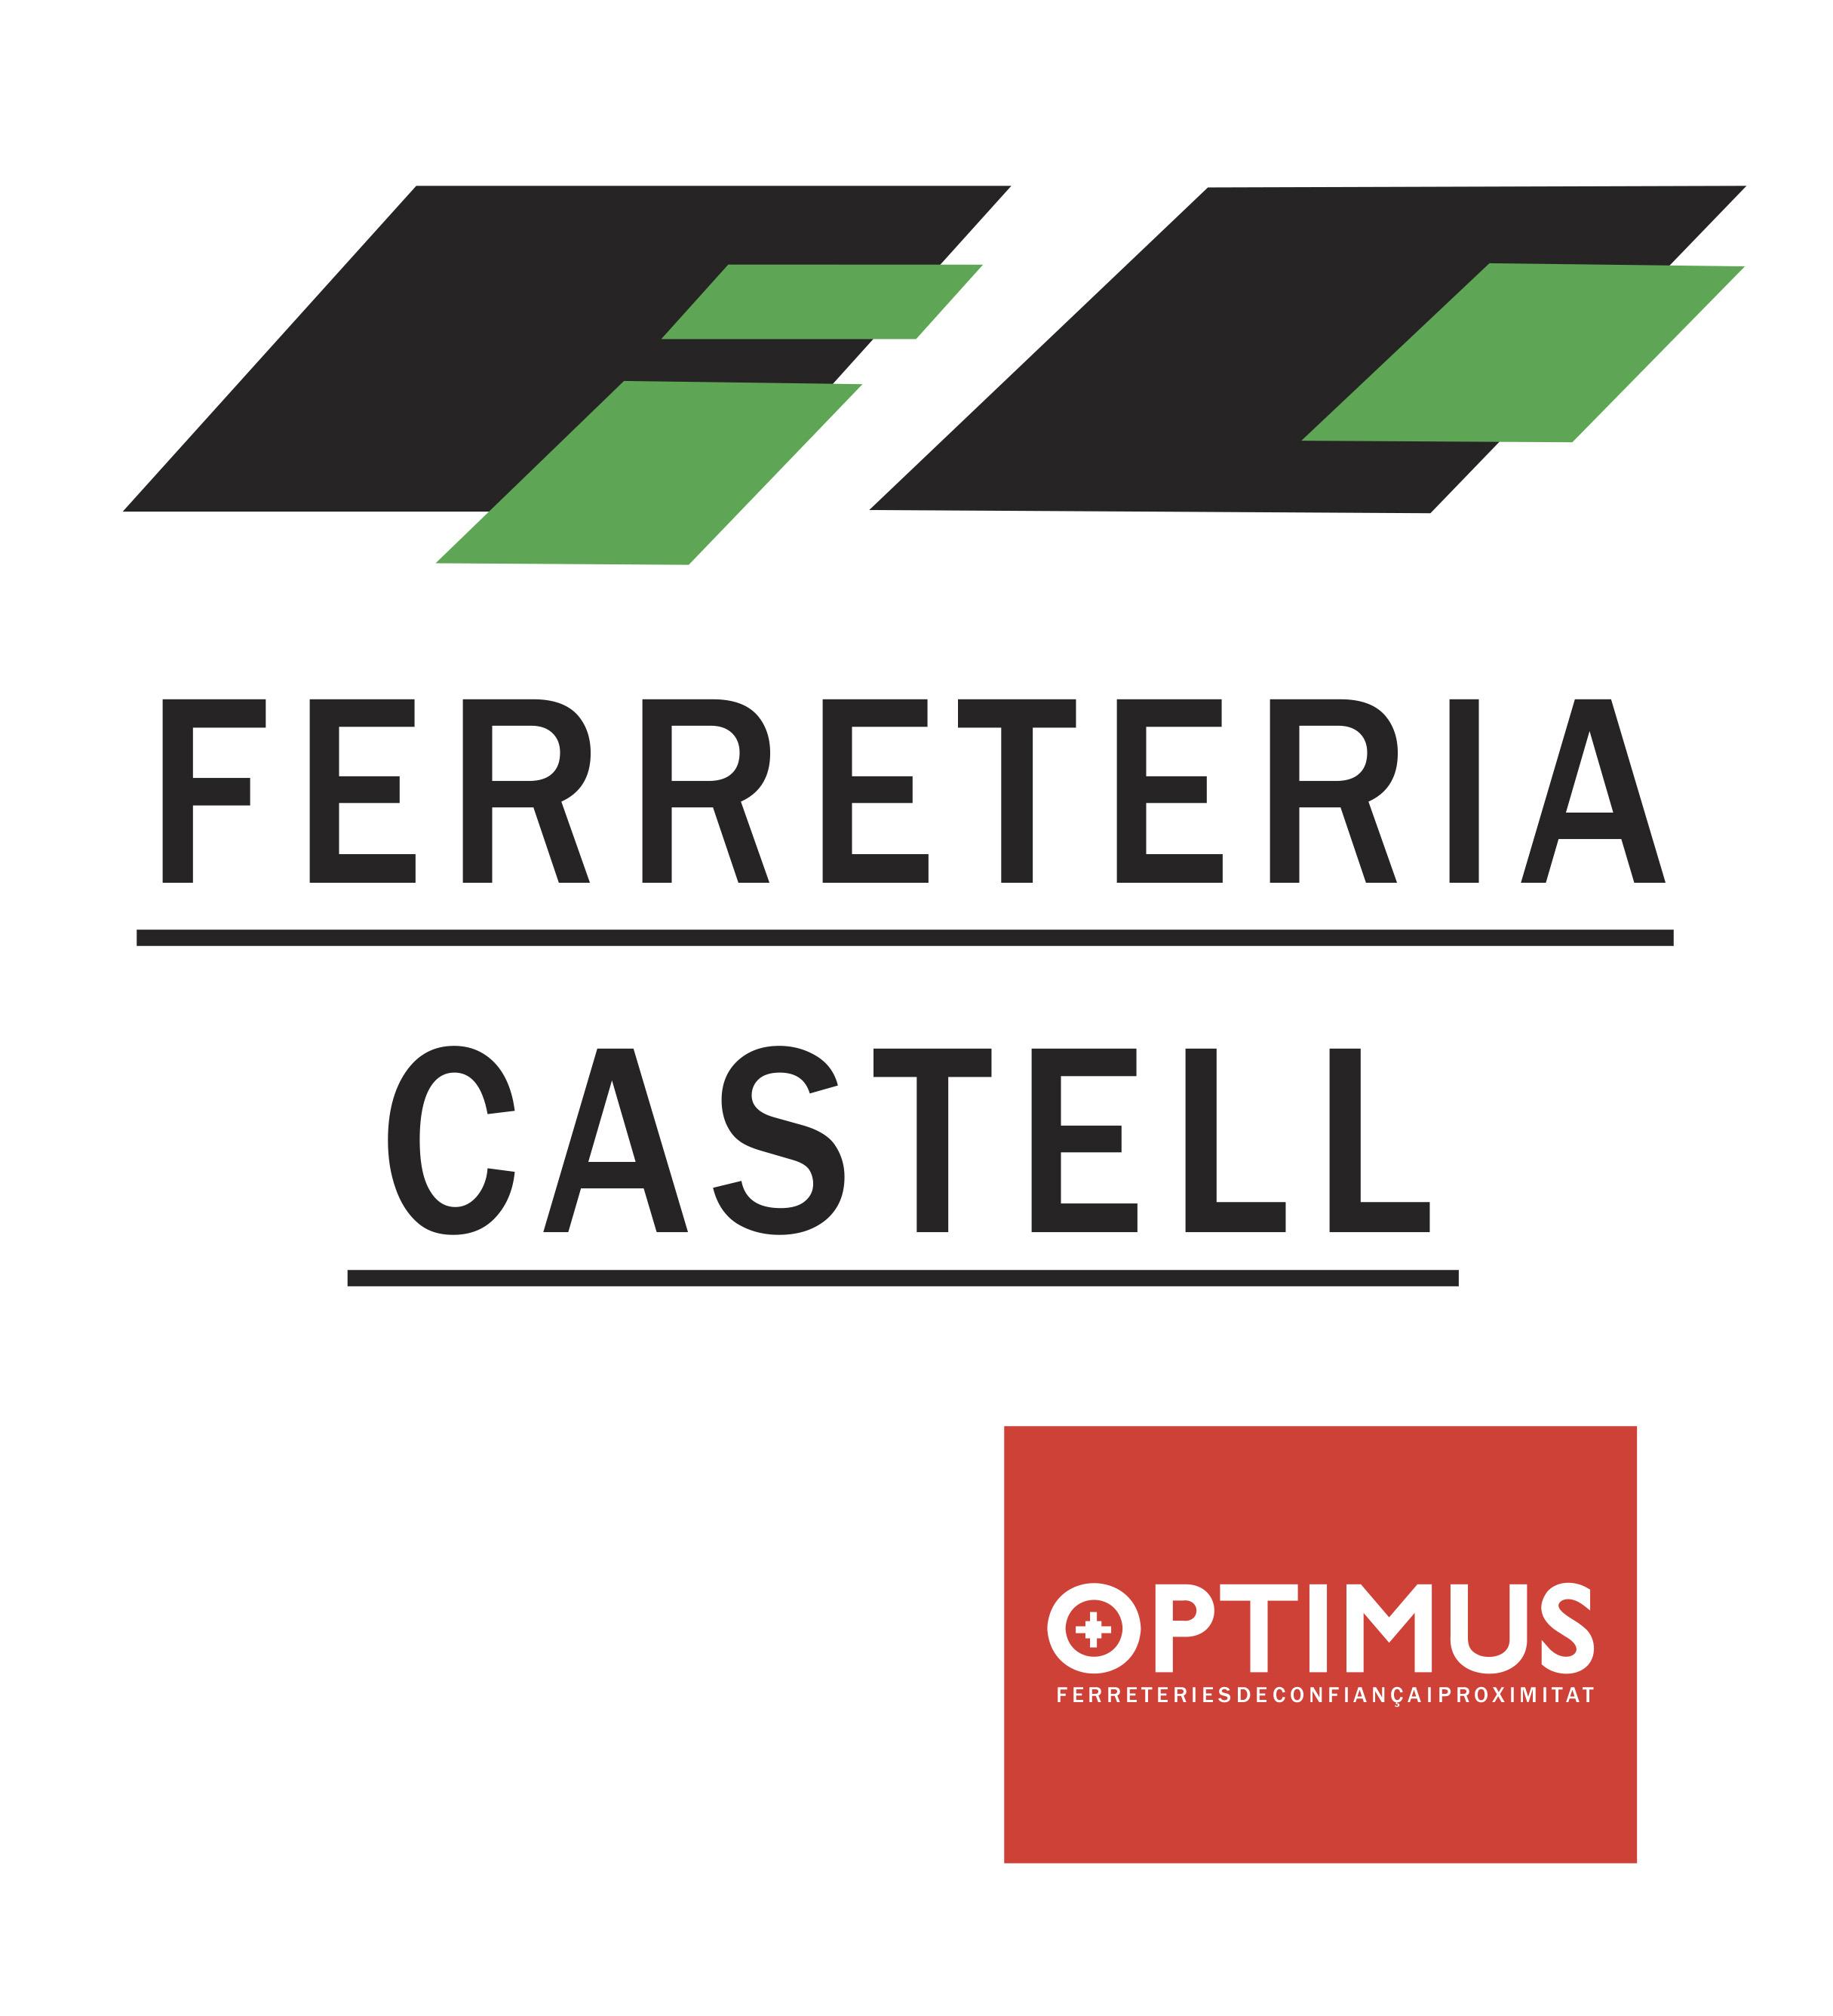 FERRETERIA CASTELL